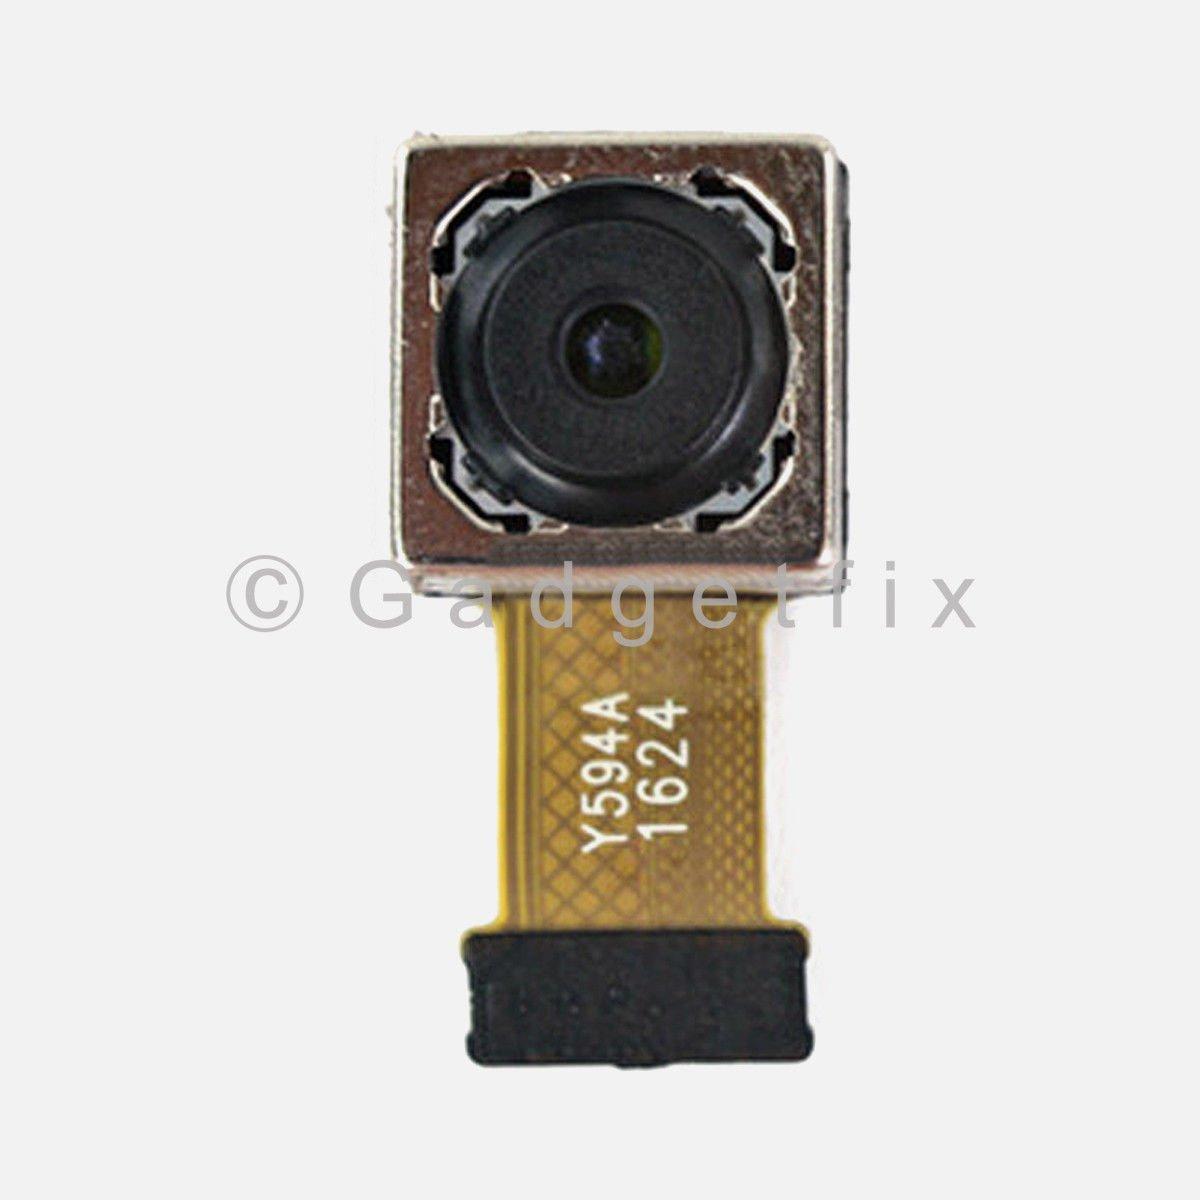 sony xperia sp camera lens